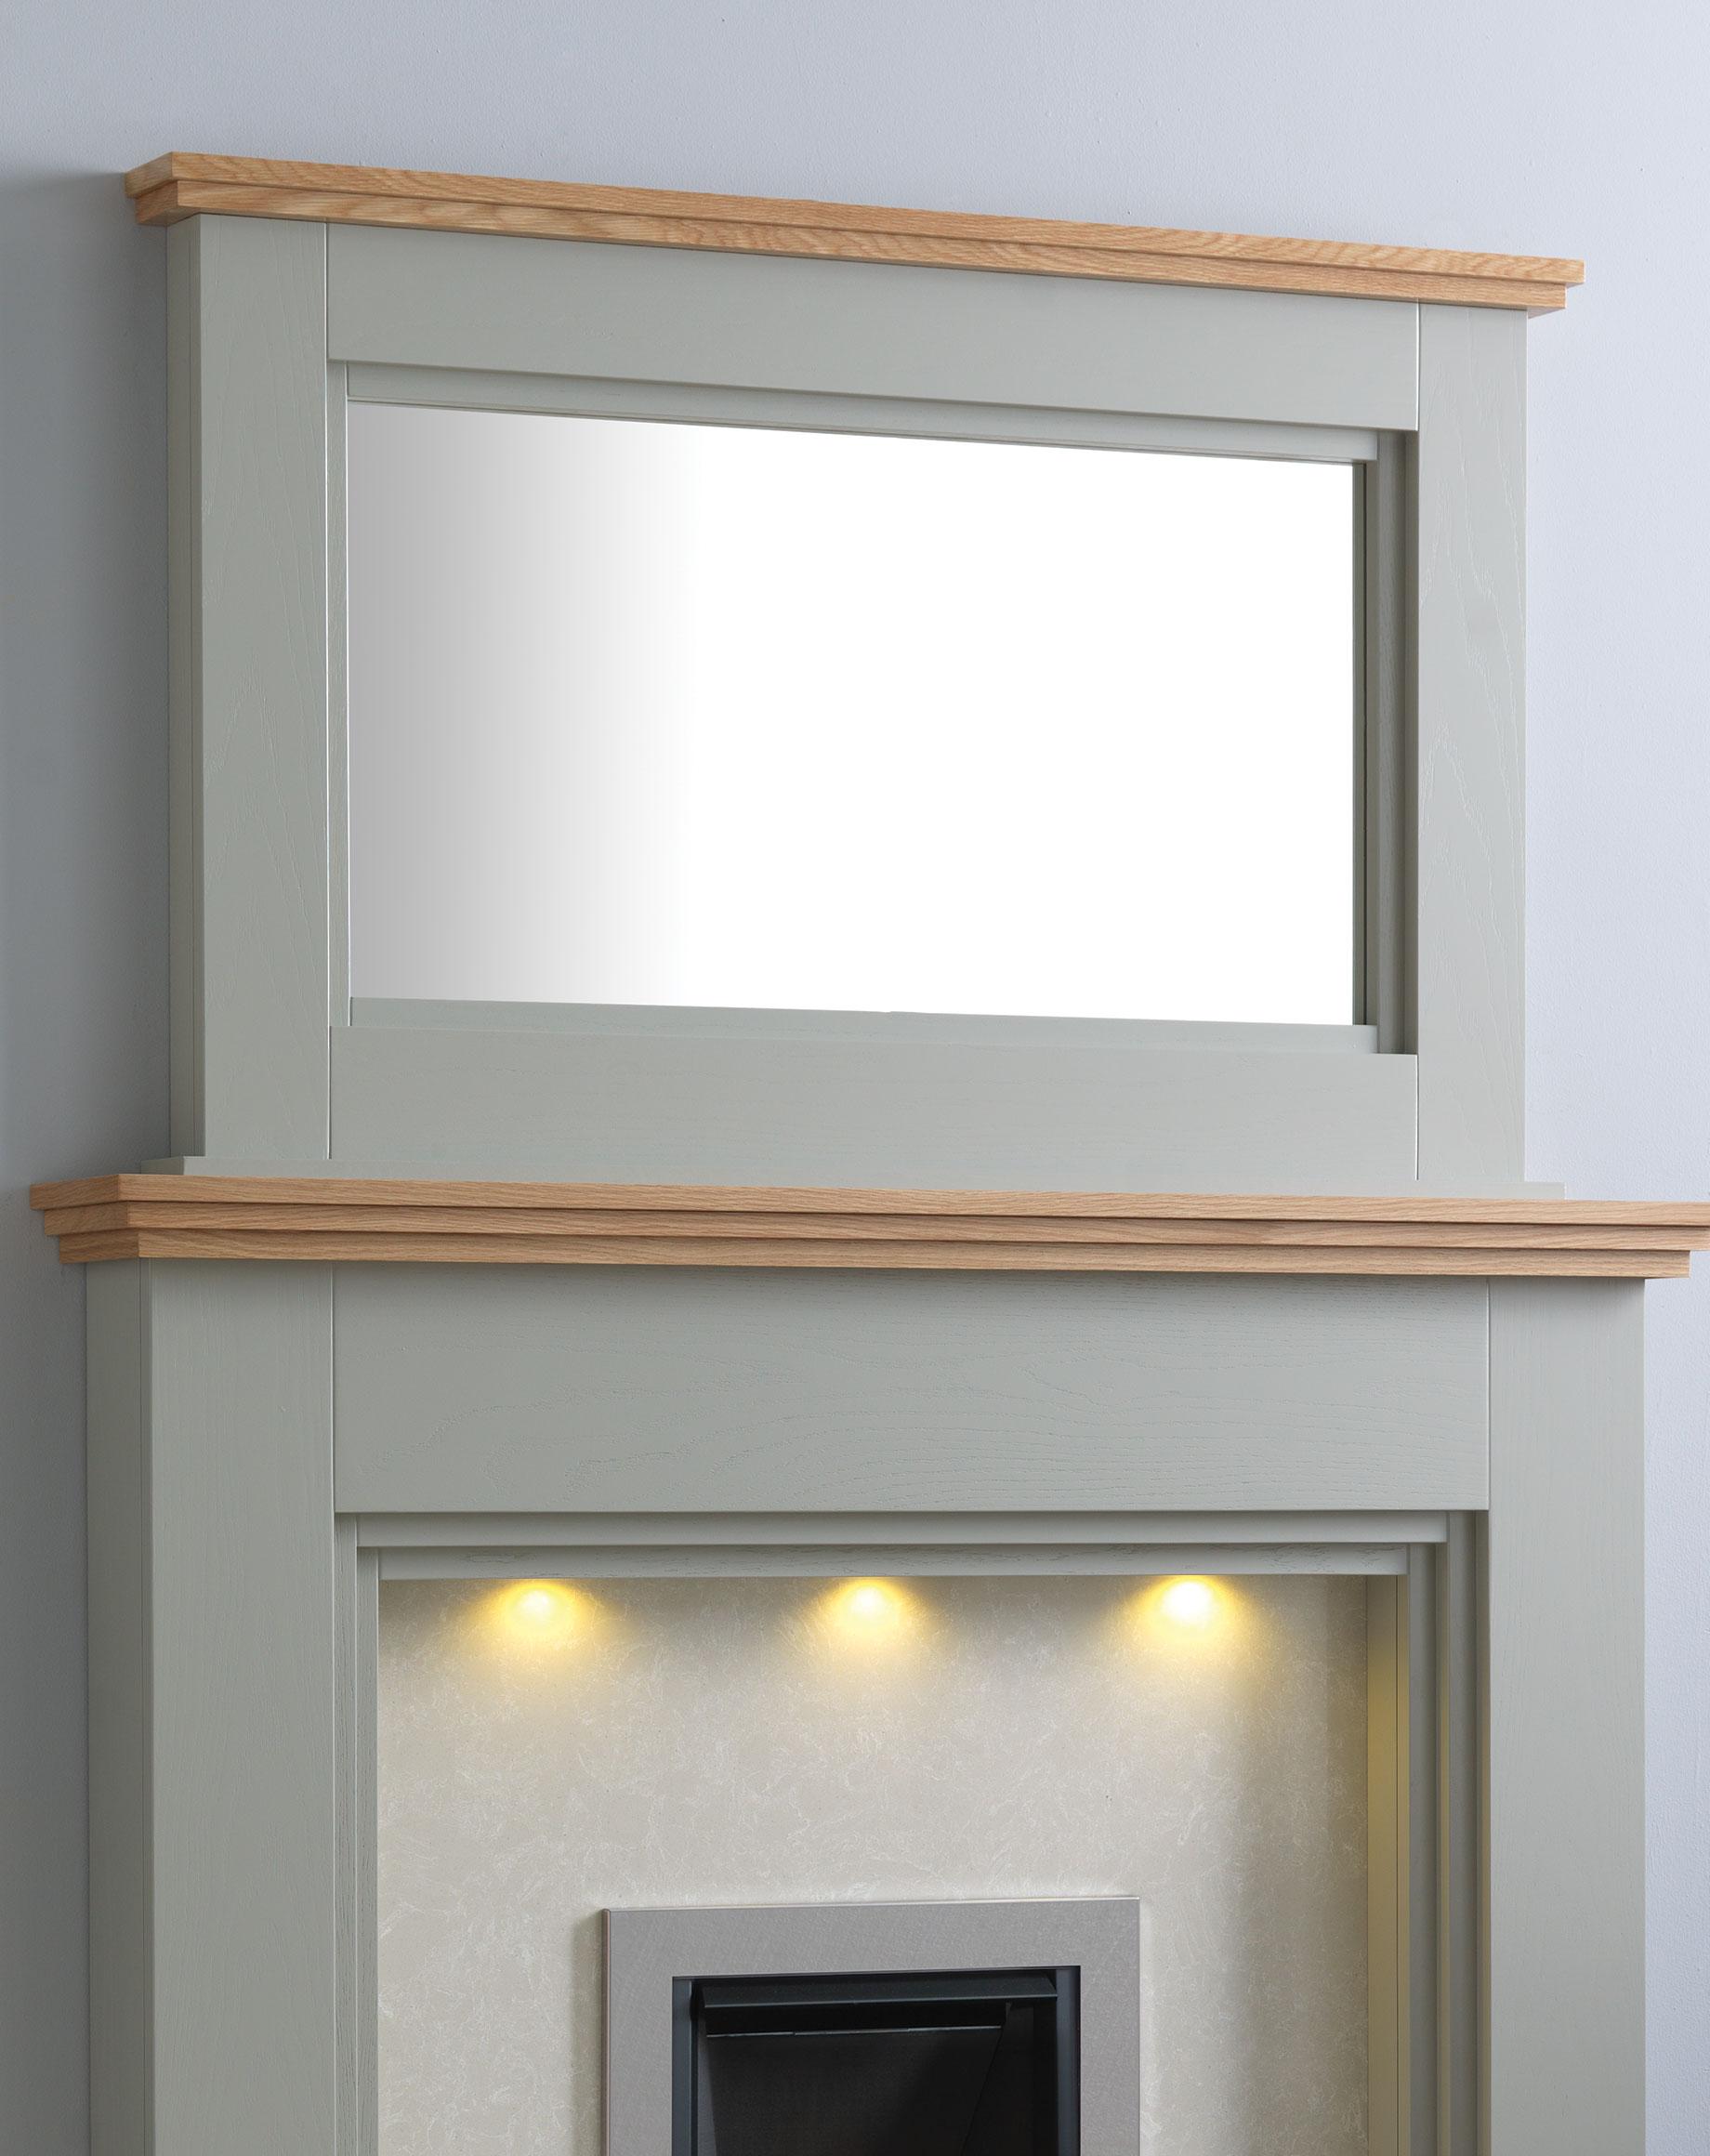 Farina Mirror large